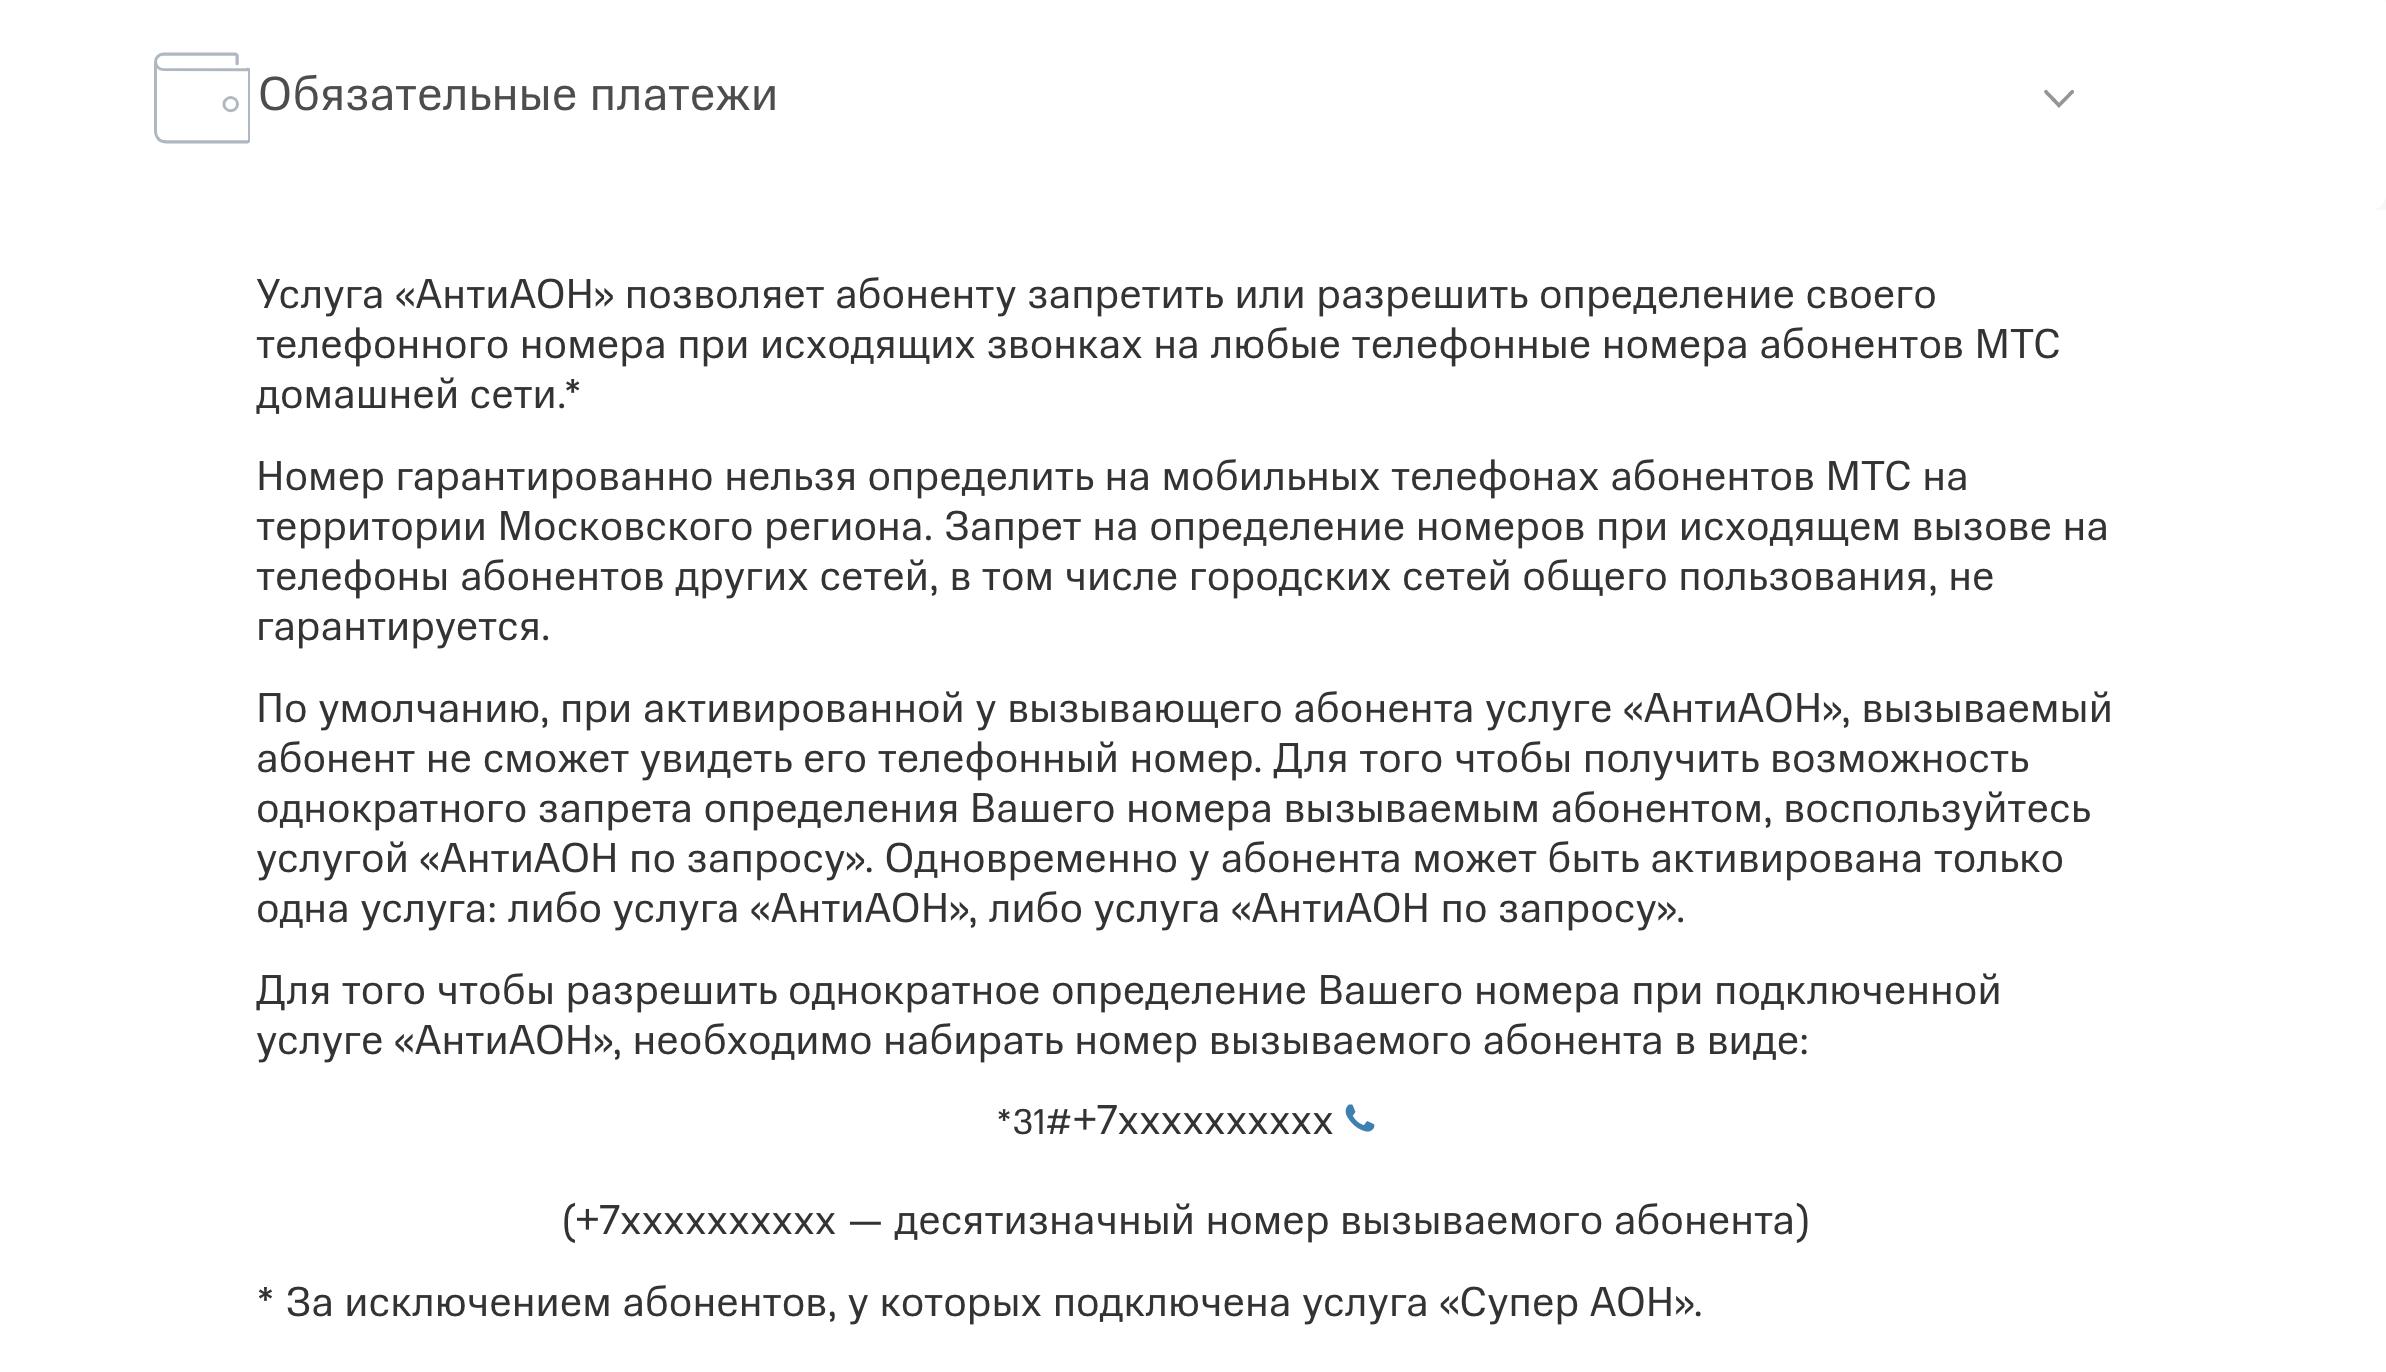 Как подключить, отключить скрытый номер МТС «АнтиАОН» и «АнтиАОН по запросу»